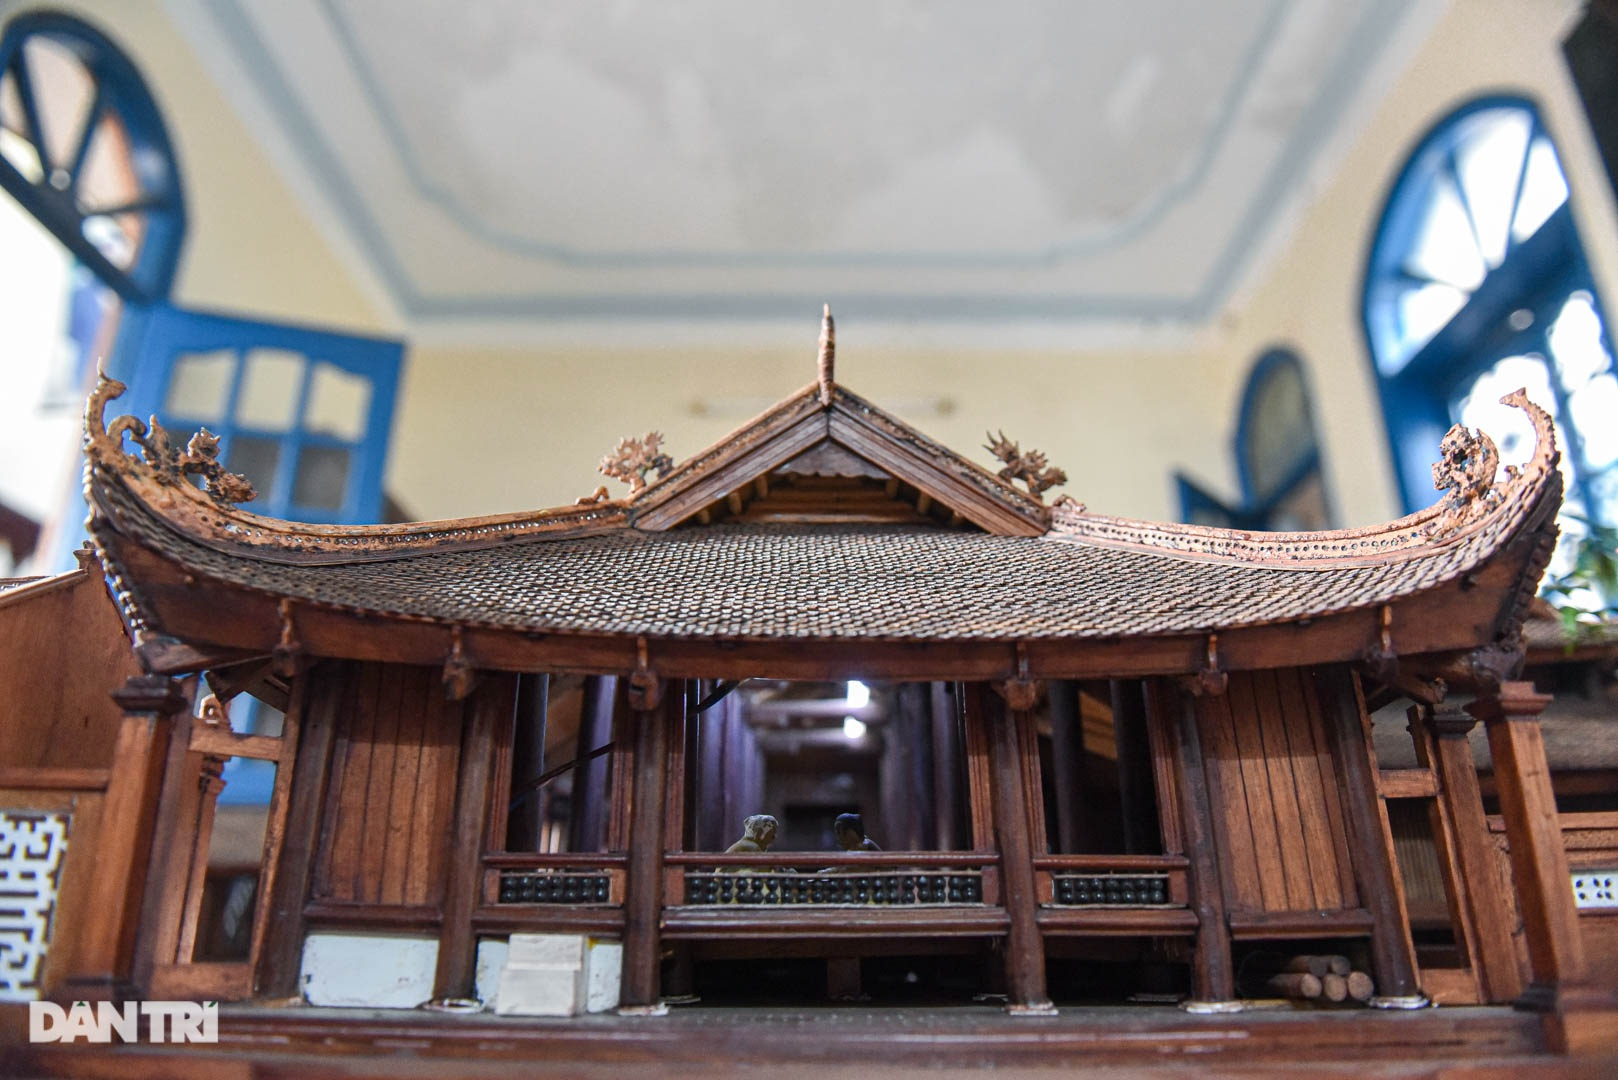 Đình làng từ gỗ gụ nhỏ nhất Việt Nam, giá nào cũng không bán - 13